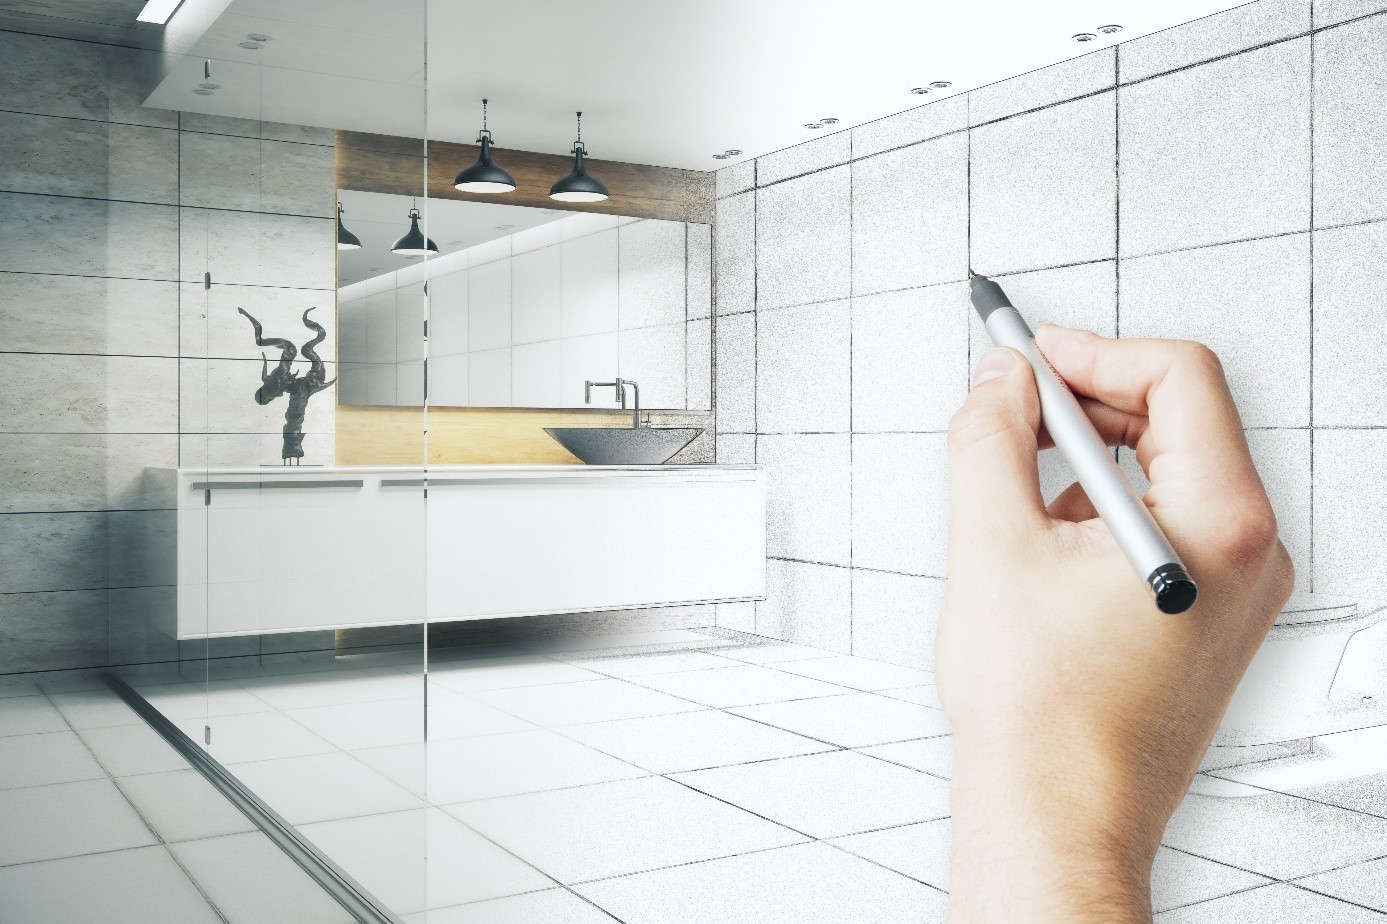 Stappenplan Badkamer Verbouwen : Redenen om je badkamer te verbouwen of te renoveren nieuws